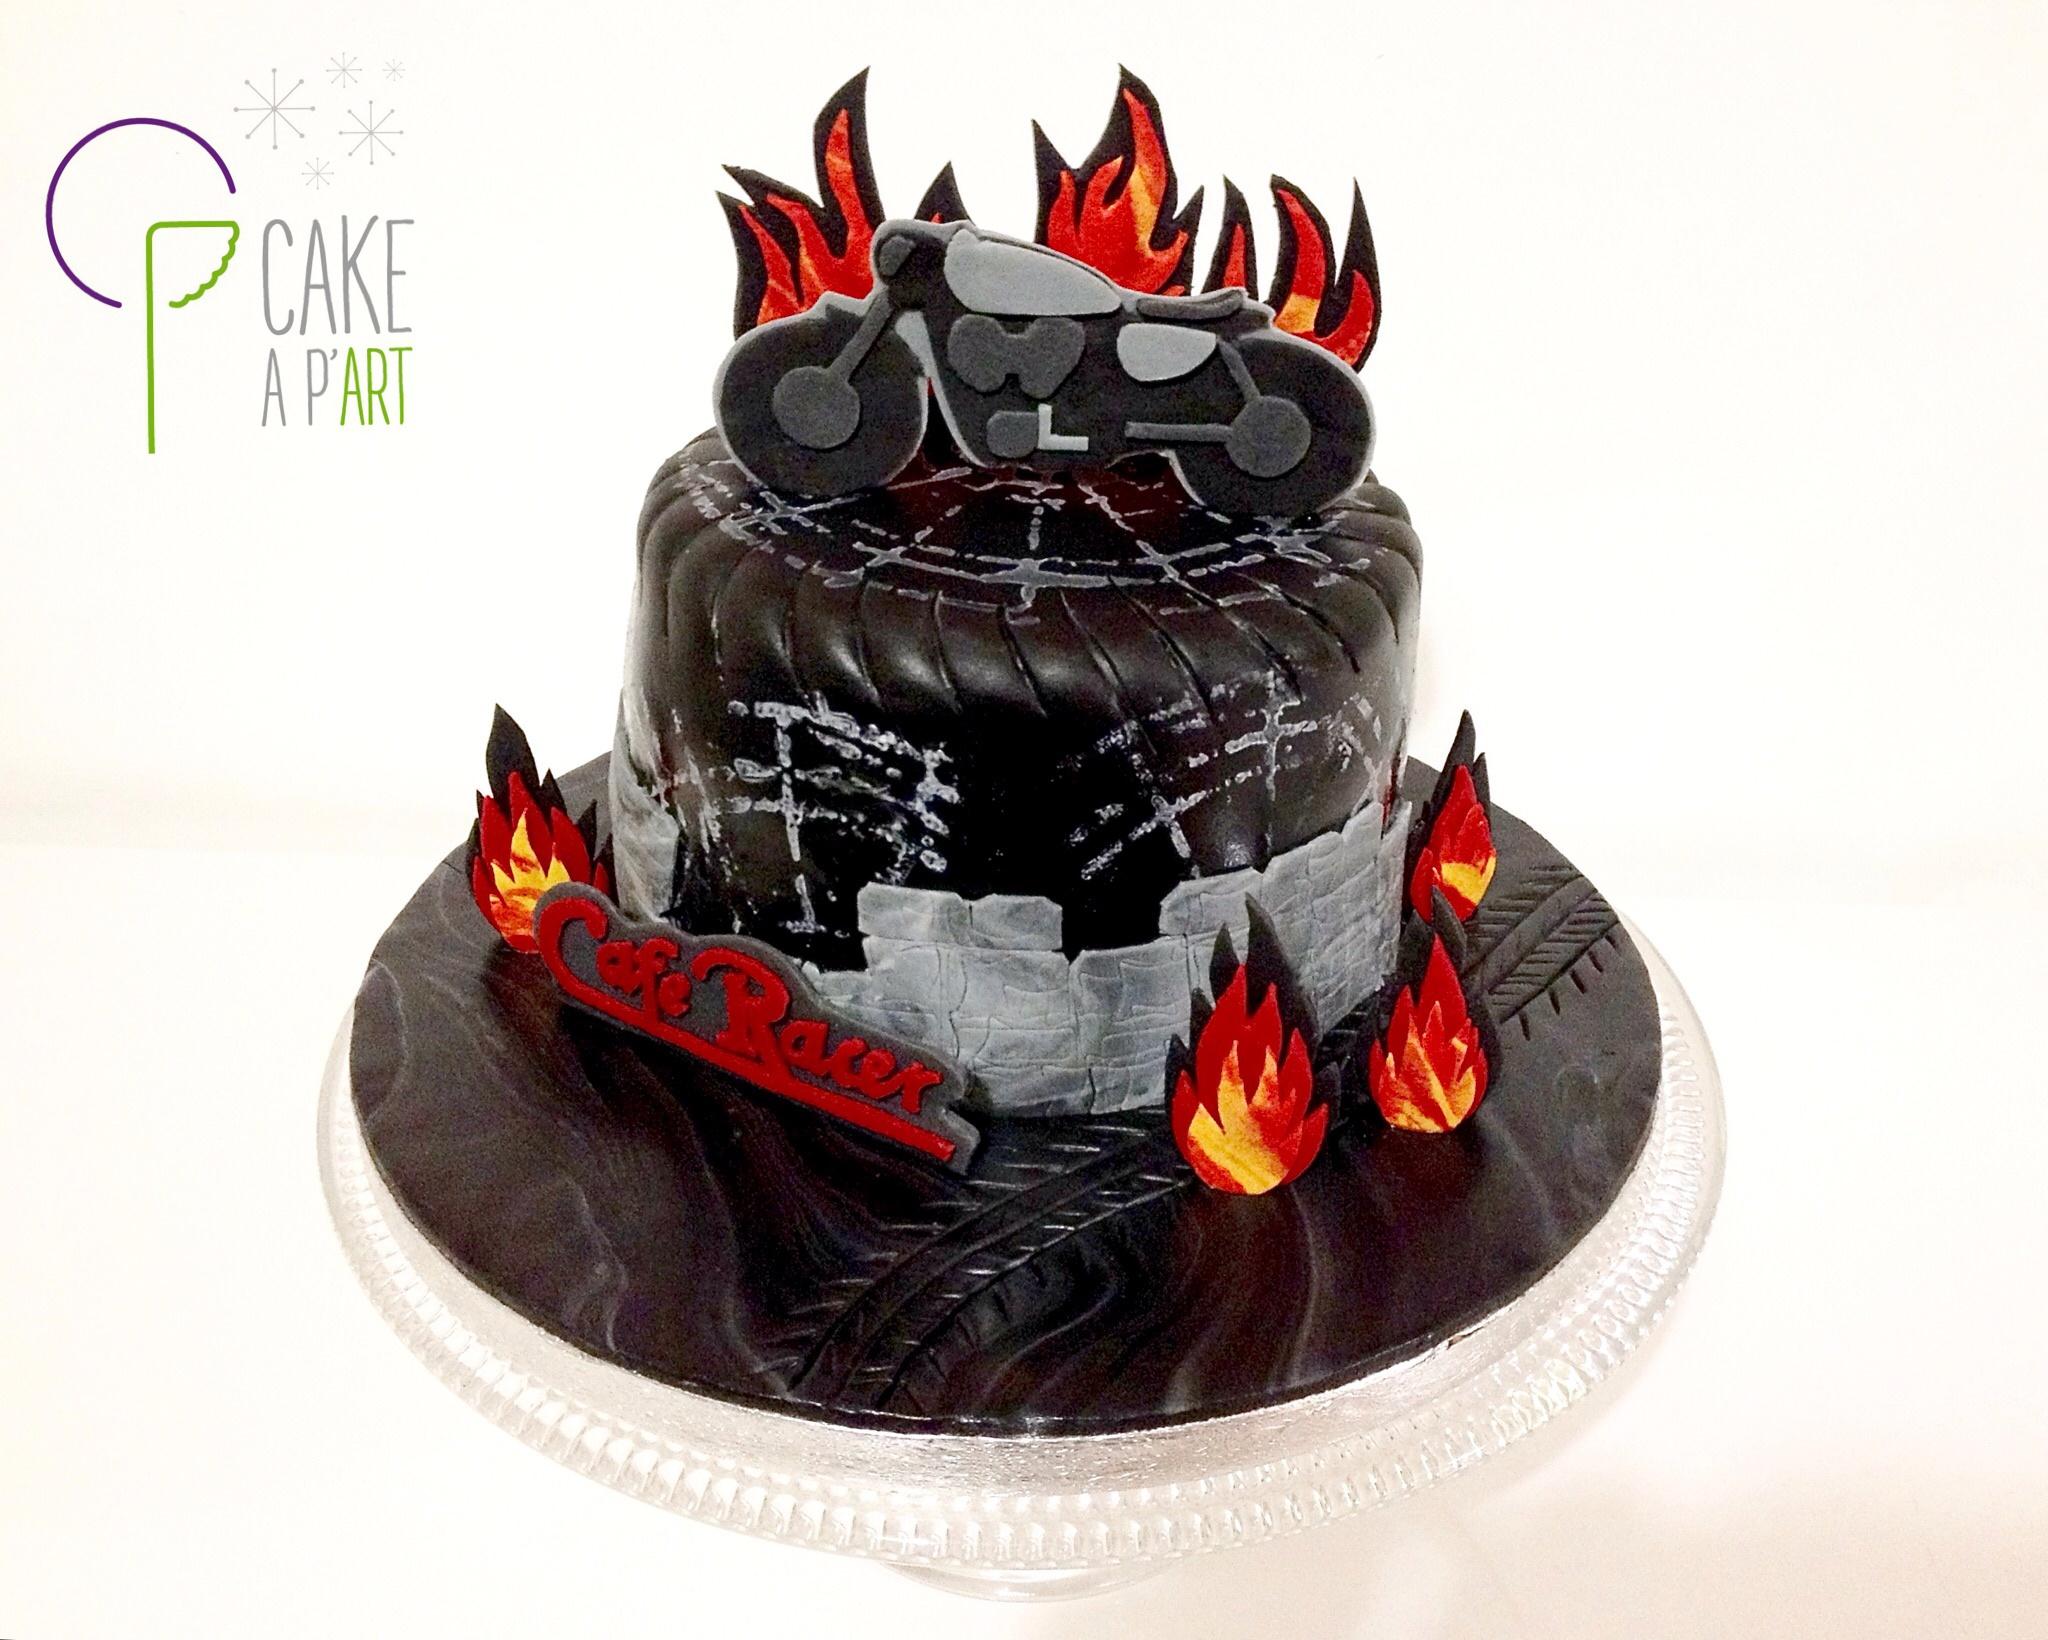 Gâteau anniversaire Enfant Cakeapart